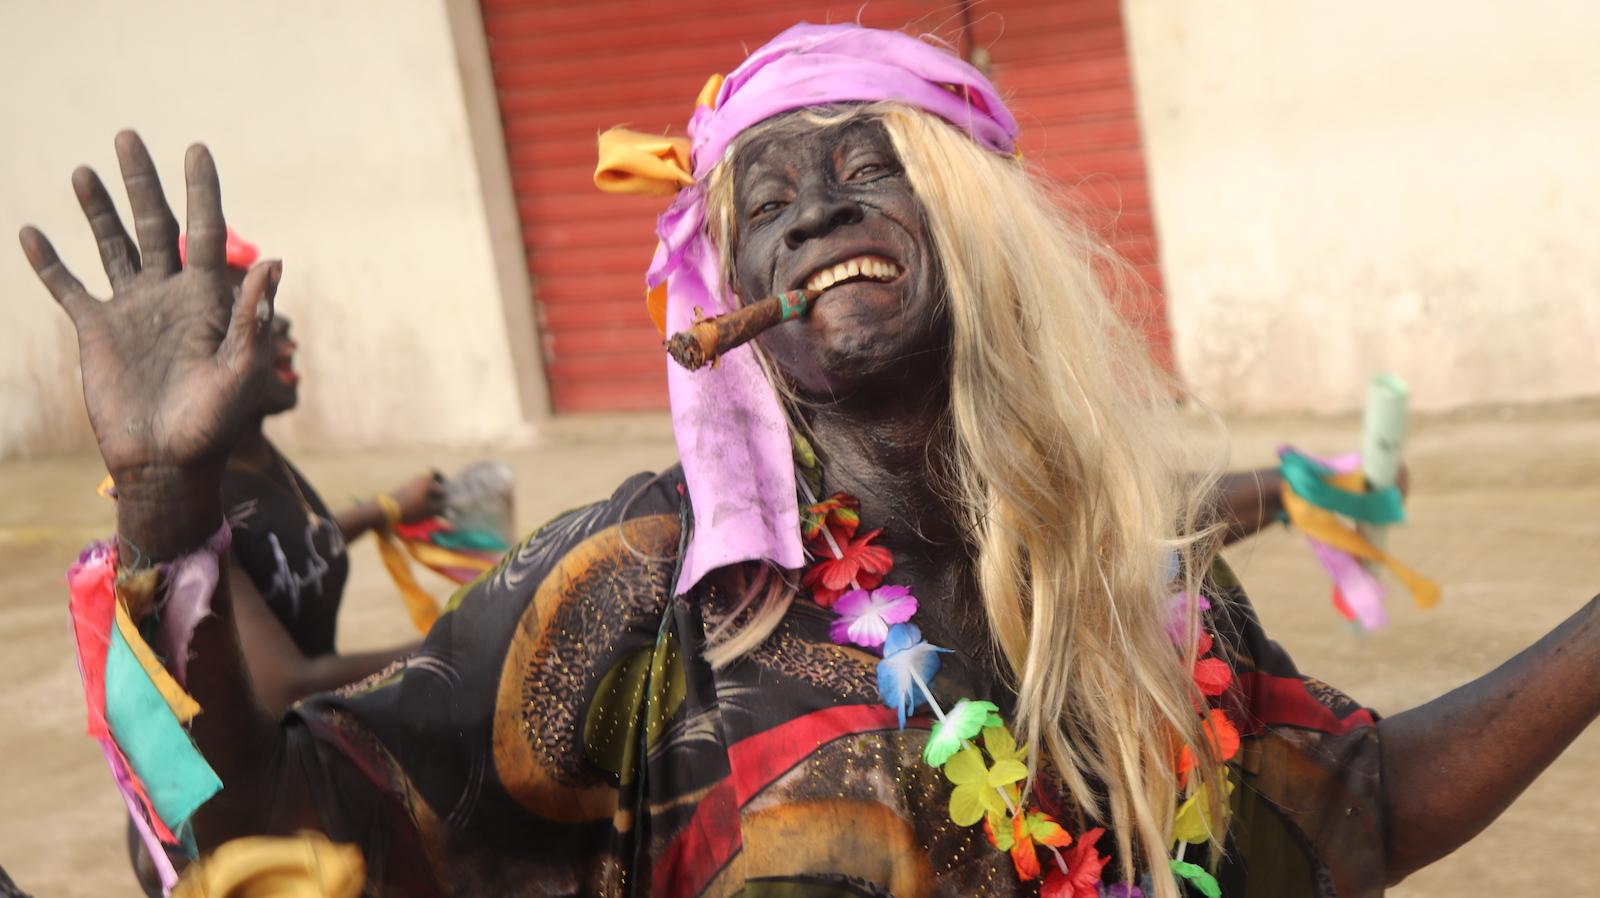 los-negritos-una-celebracion-que-exalta-la-cultura-negra-en-el-charco